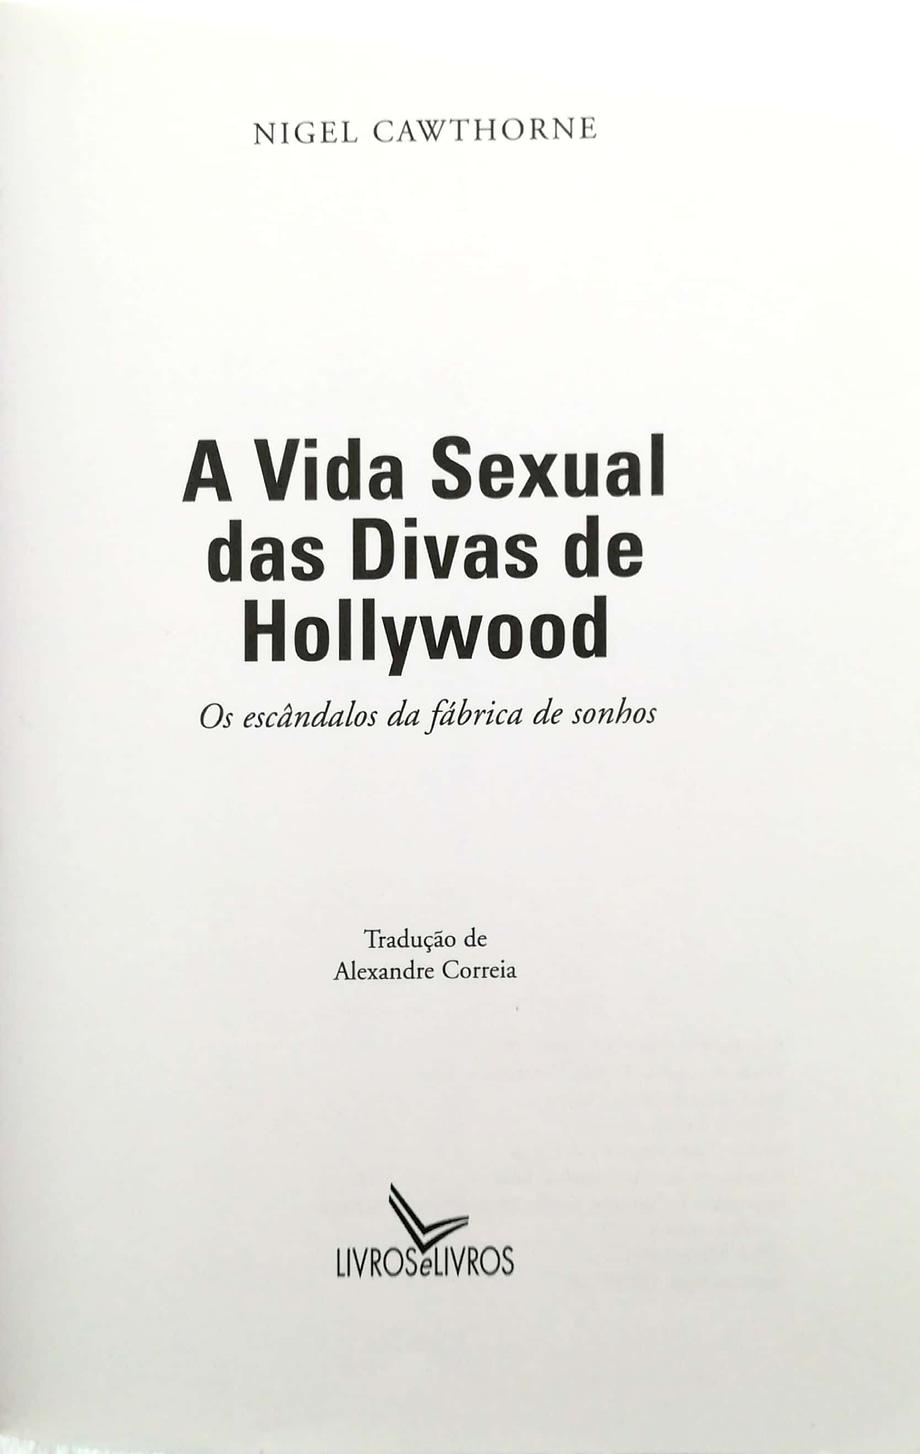 A Vida Sexual das Divas de Hollywood 1 (5)-min